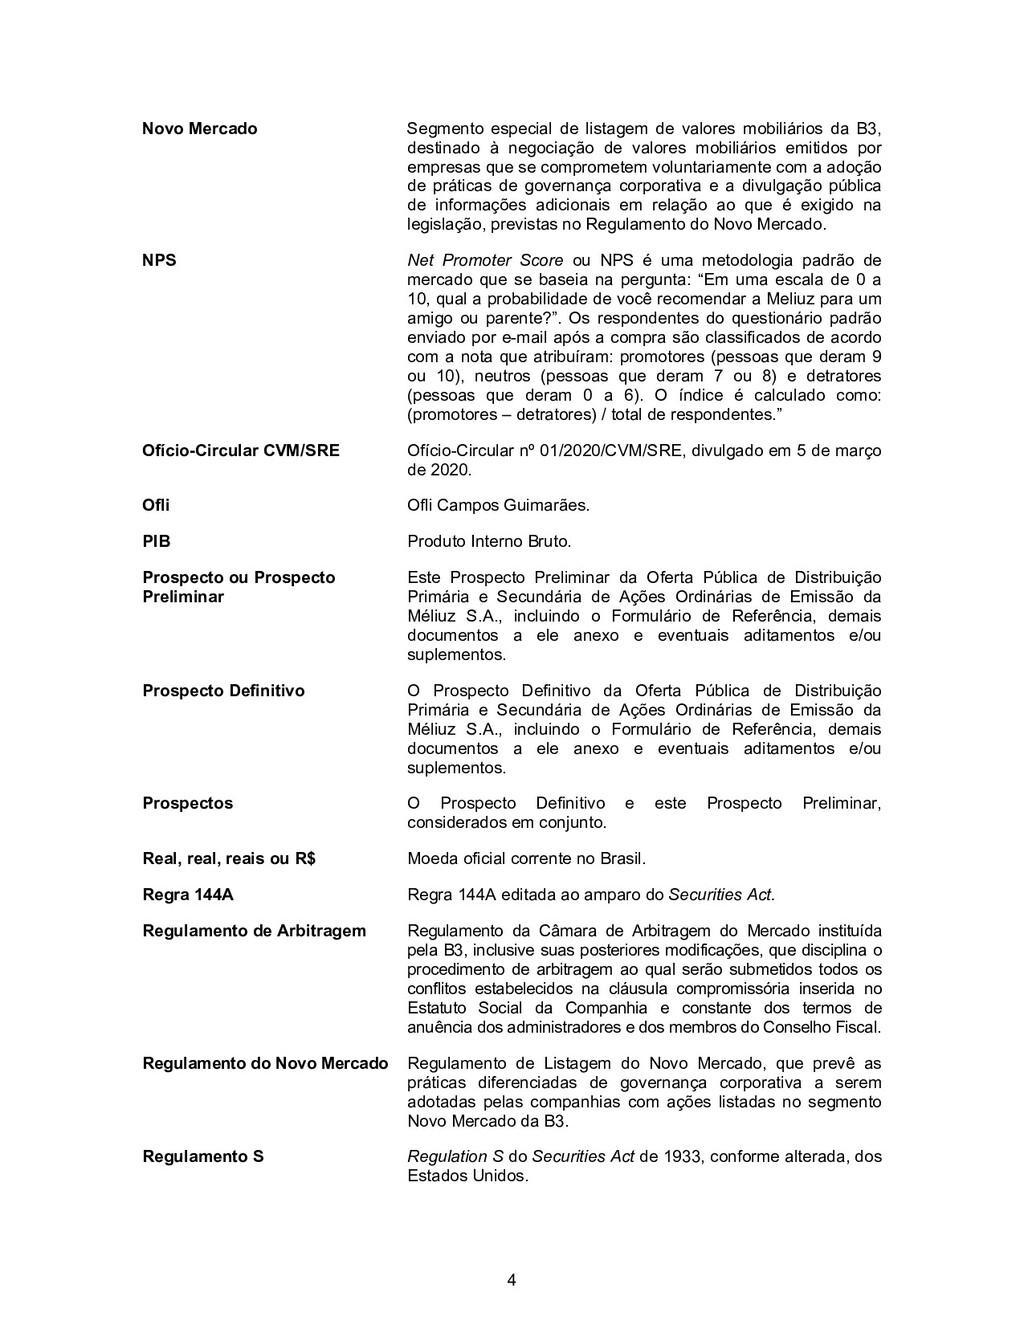 4 Novo Mercado Segmento especial de listagem de...